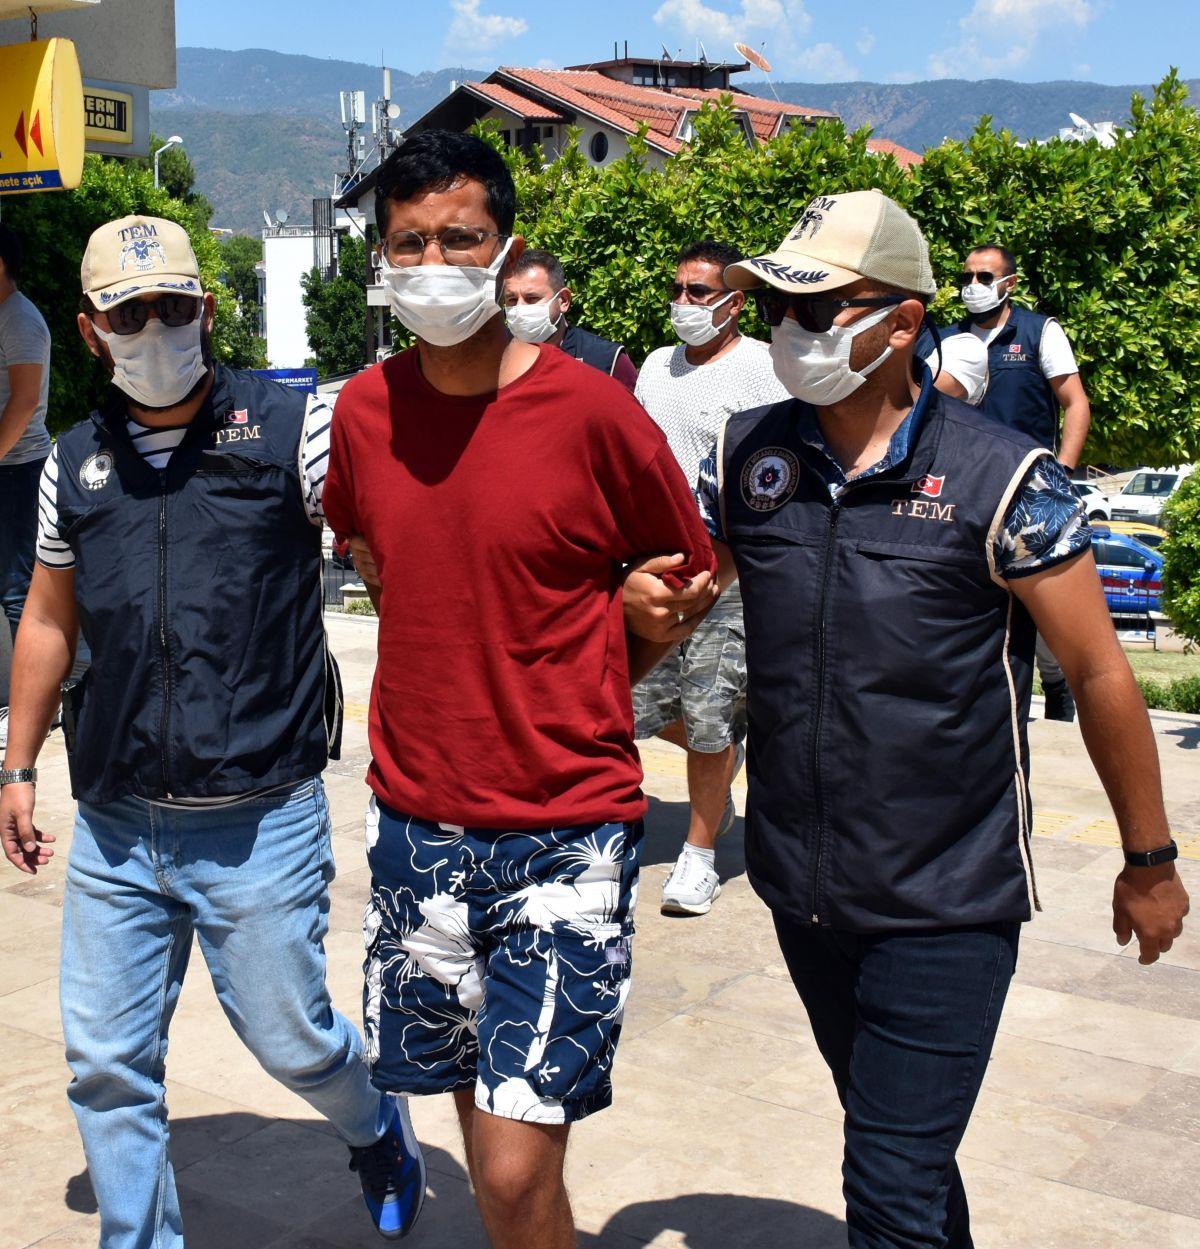 Yunanistan a kaçmaya çalışan PKK lı terörist, Marmaris te yakalandı #1